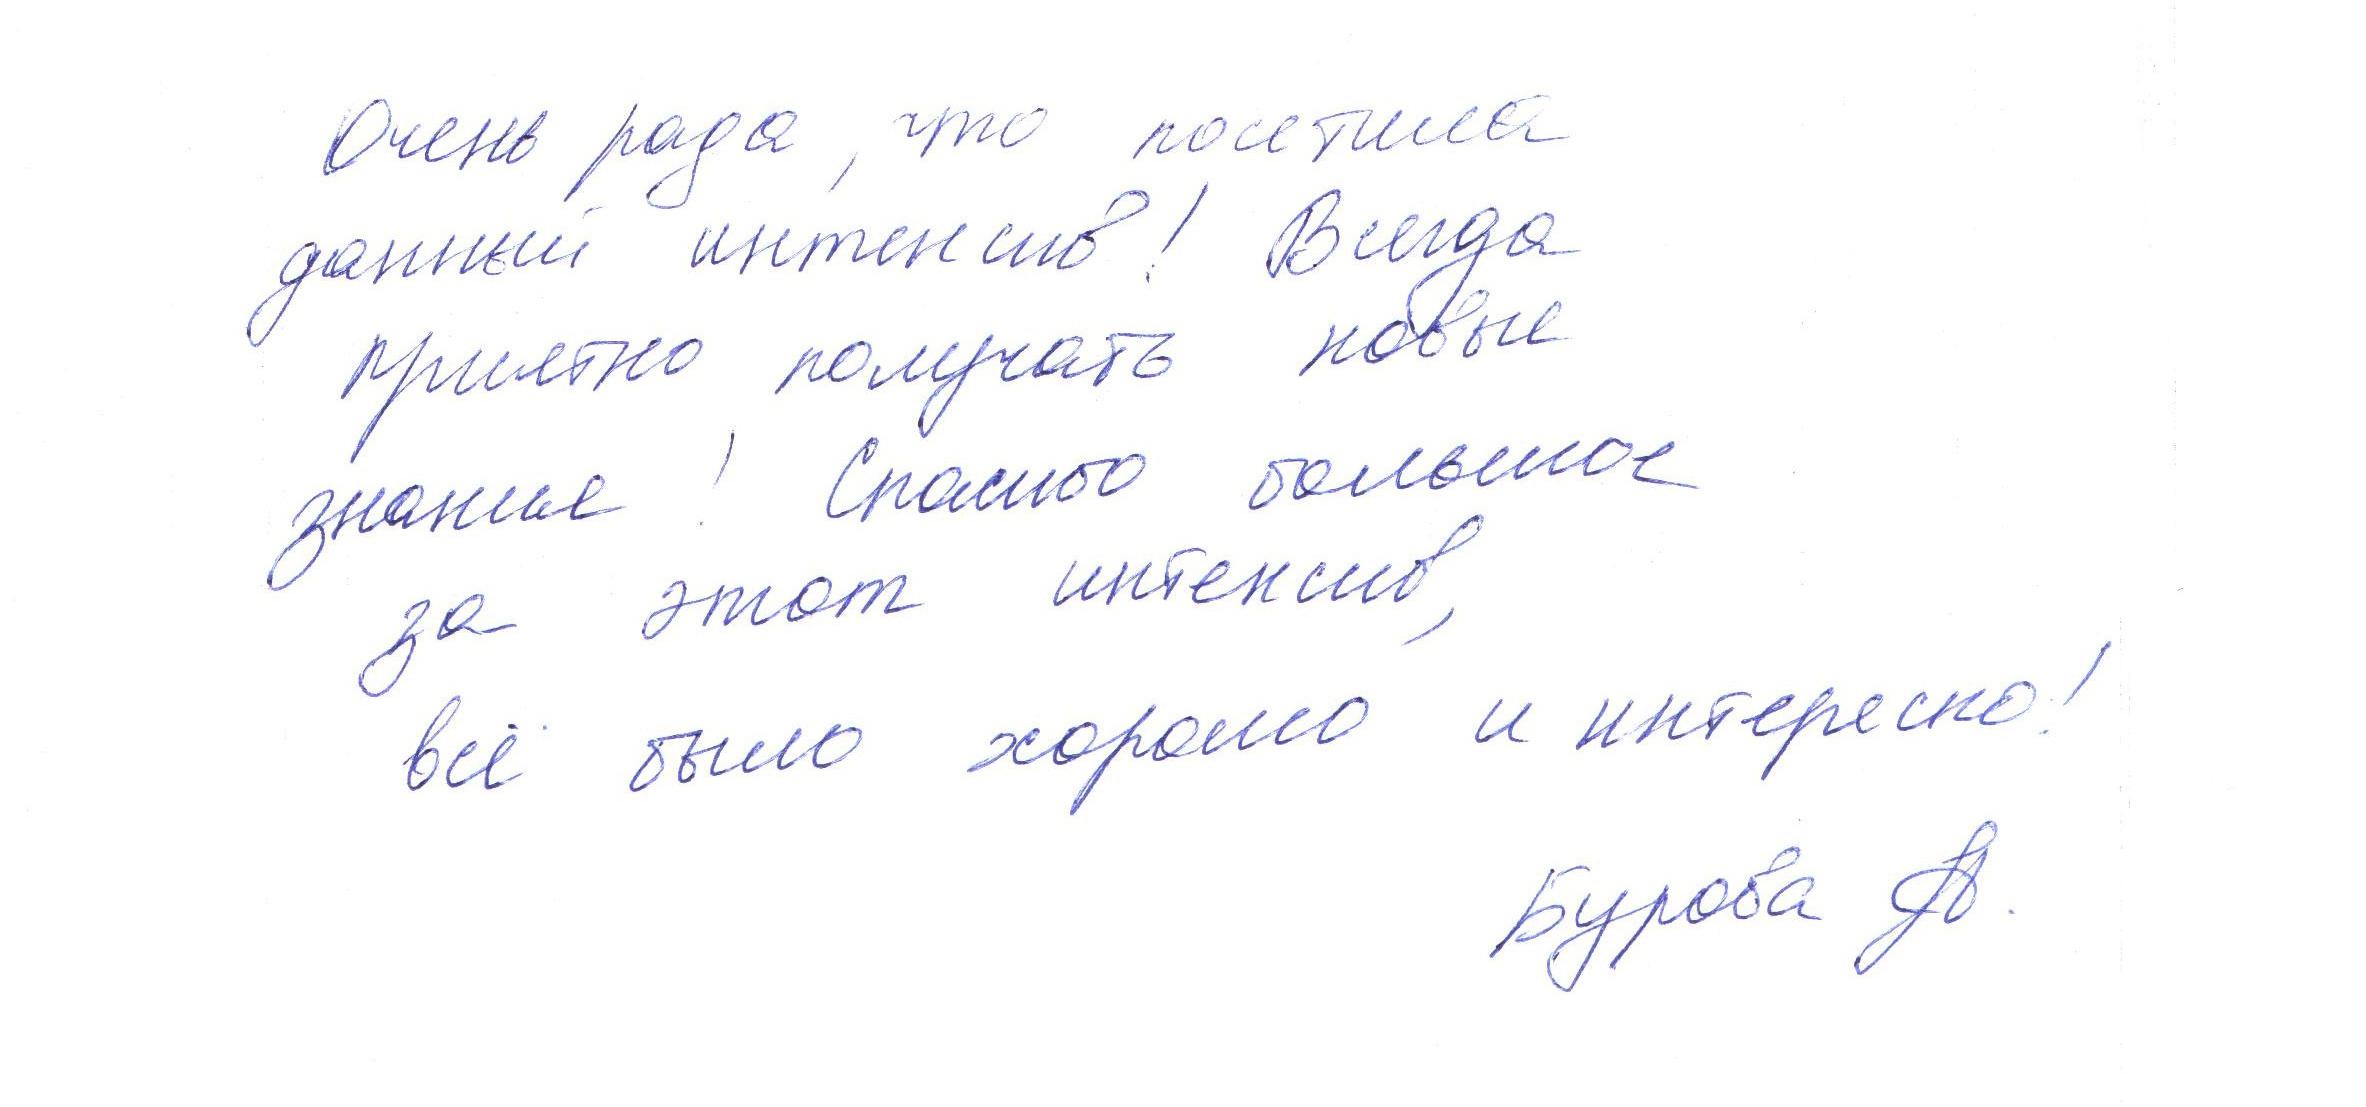 отзыв об интенсиве Данила Фимушкина в Самаре Буровой Анастасии